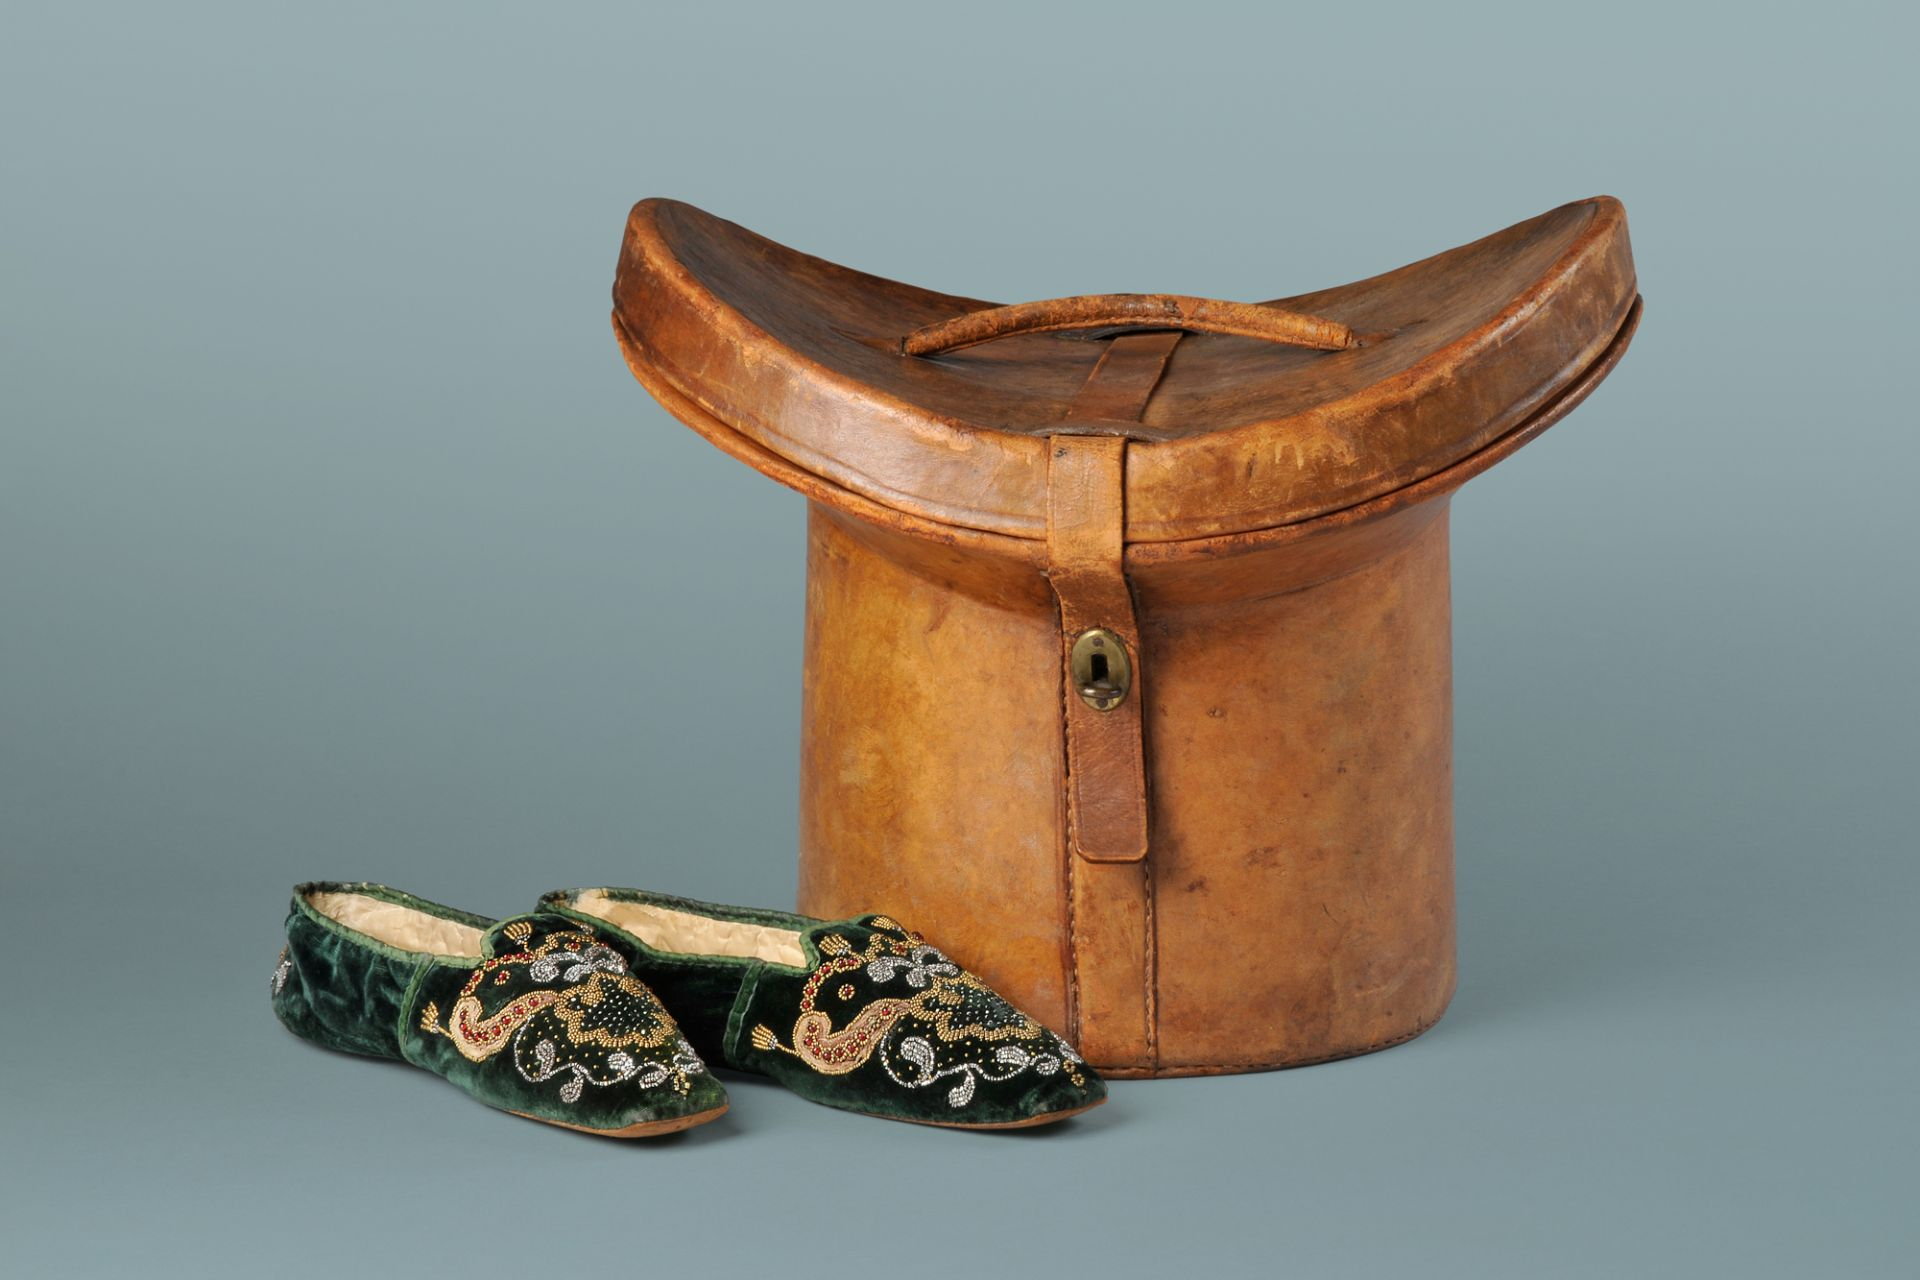 Johann Wolfgang von Goethe's top hat bandbox, origin unknown, early 19th century and Ulrike von Levetzow's slippers, origin unknown, approx. 1825